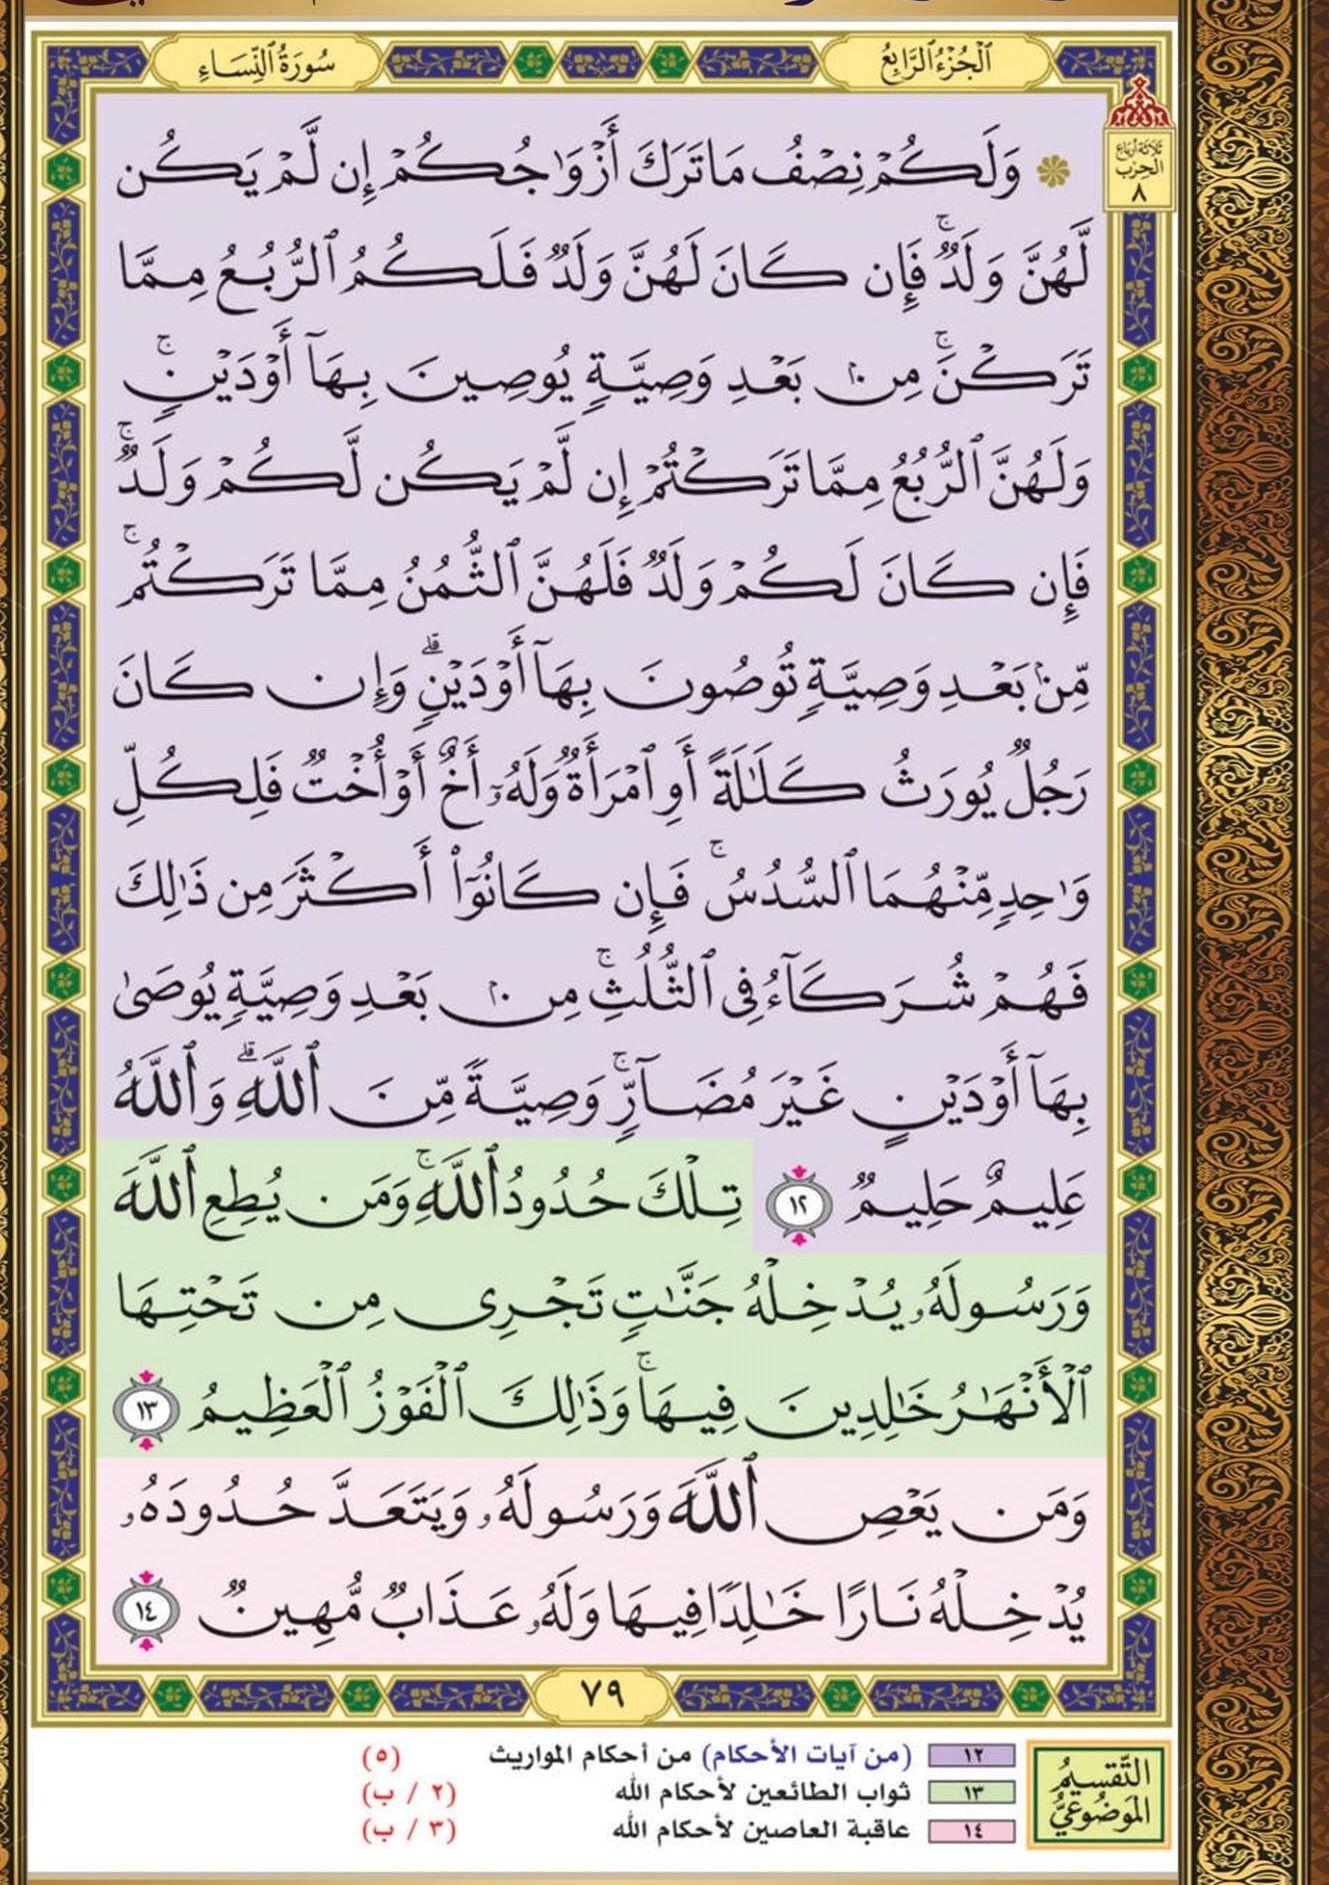 ١٢ ١٤ النساء مصحف التقسيم الموضوعي Quran Verses Verses Quran